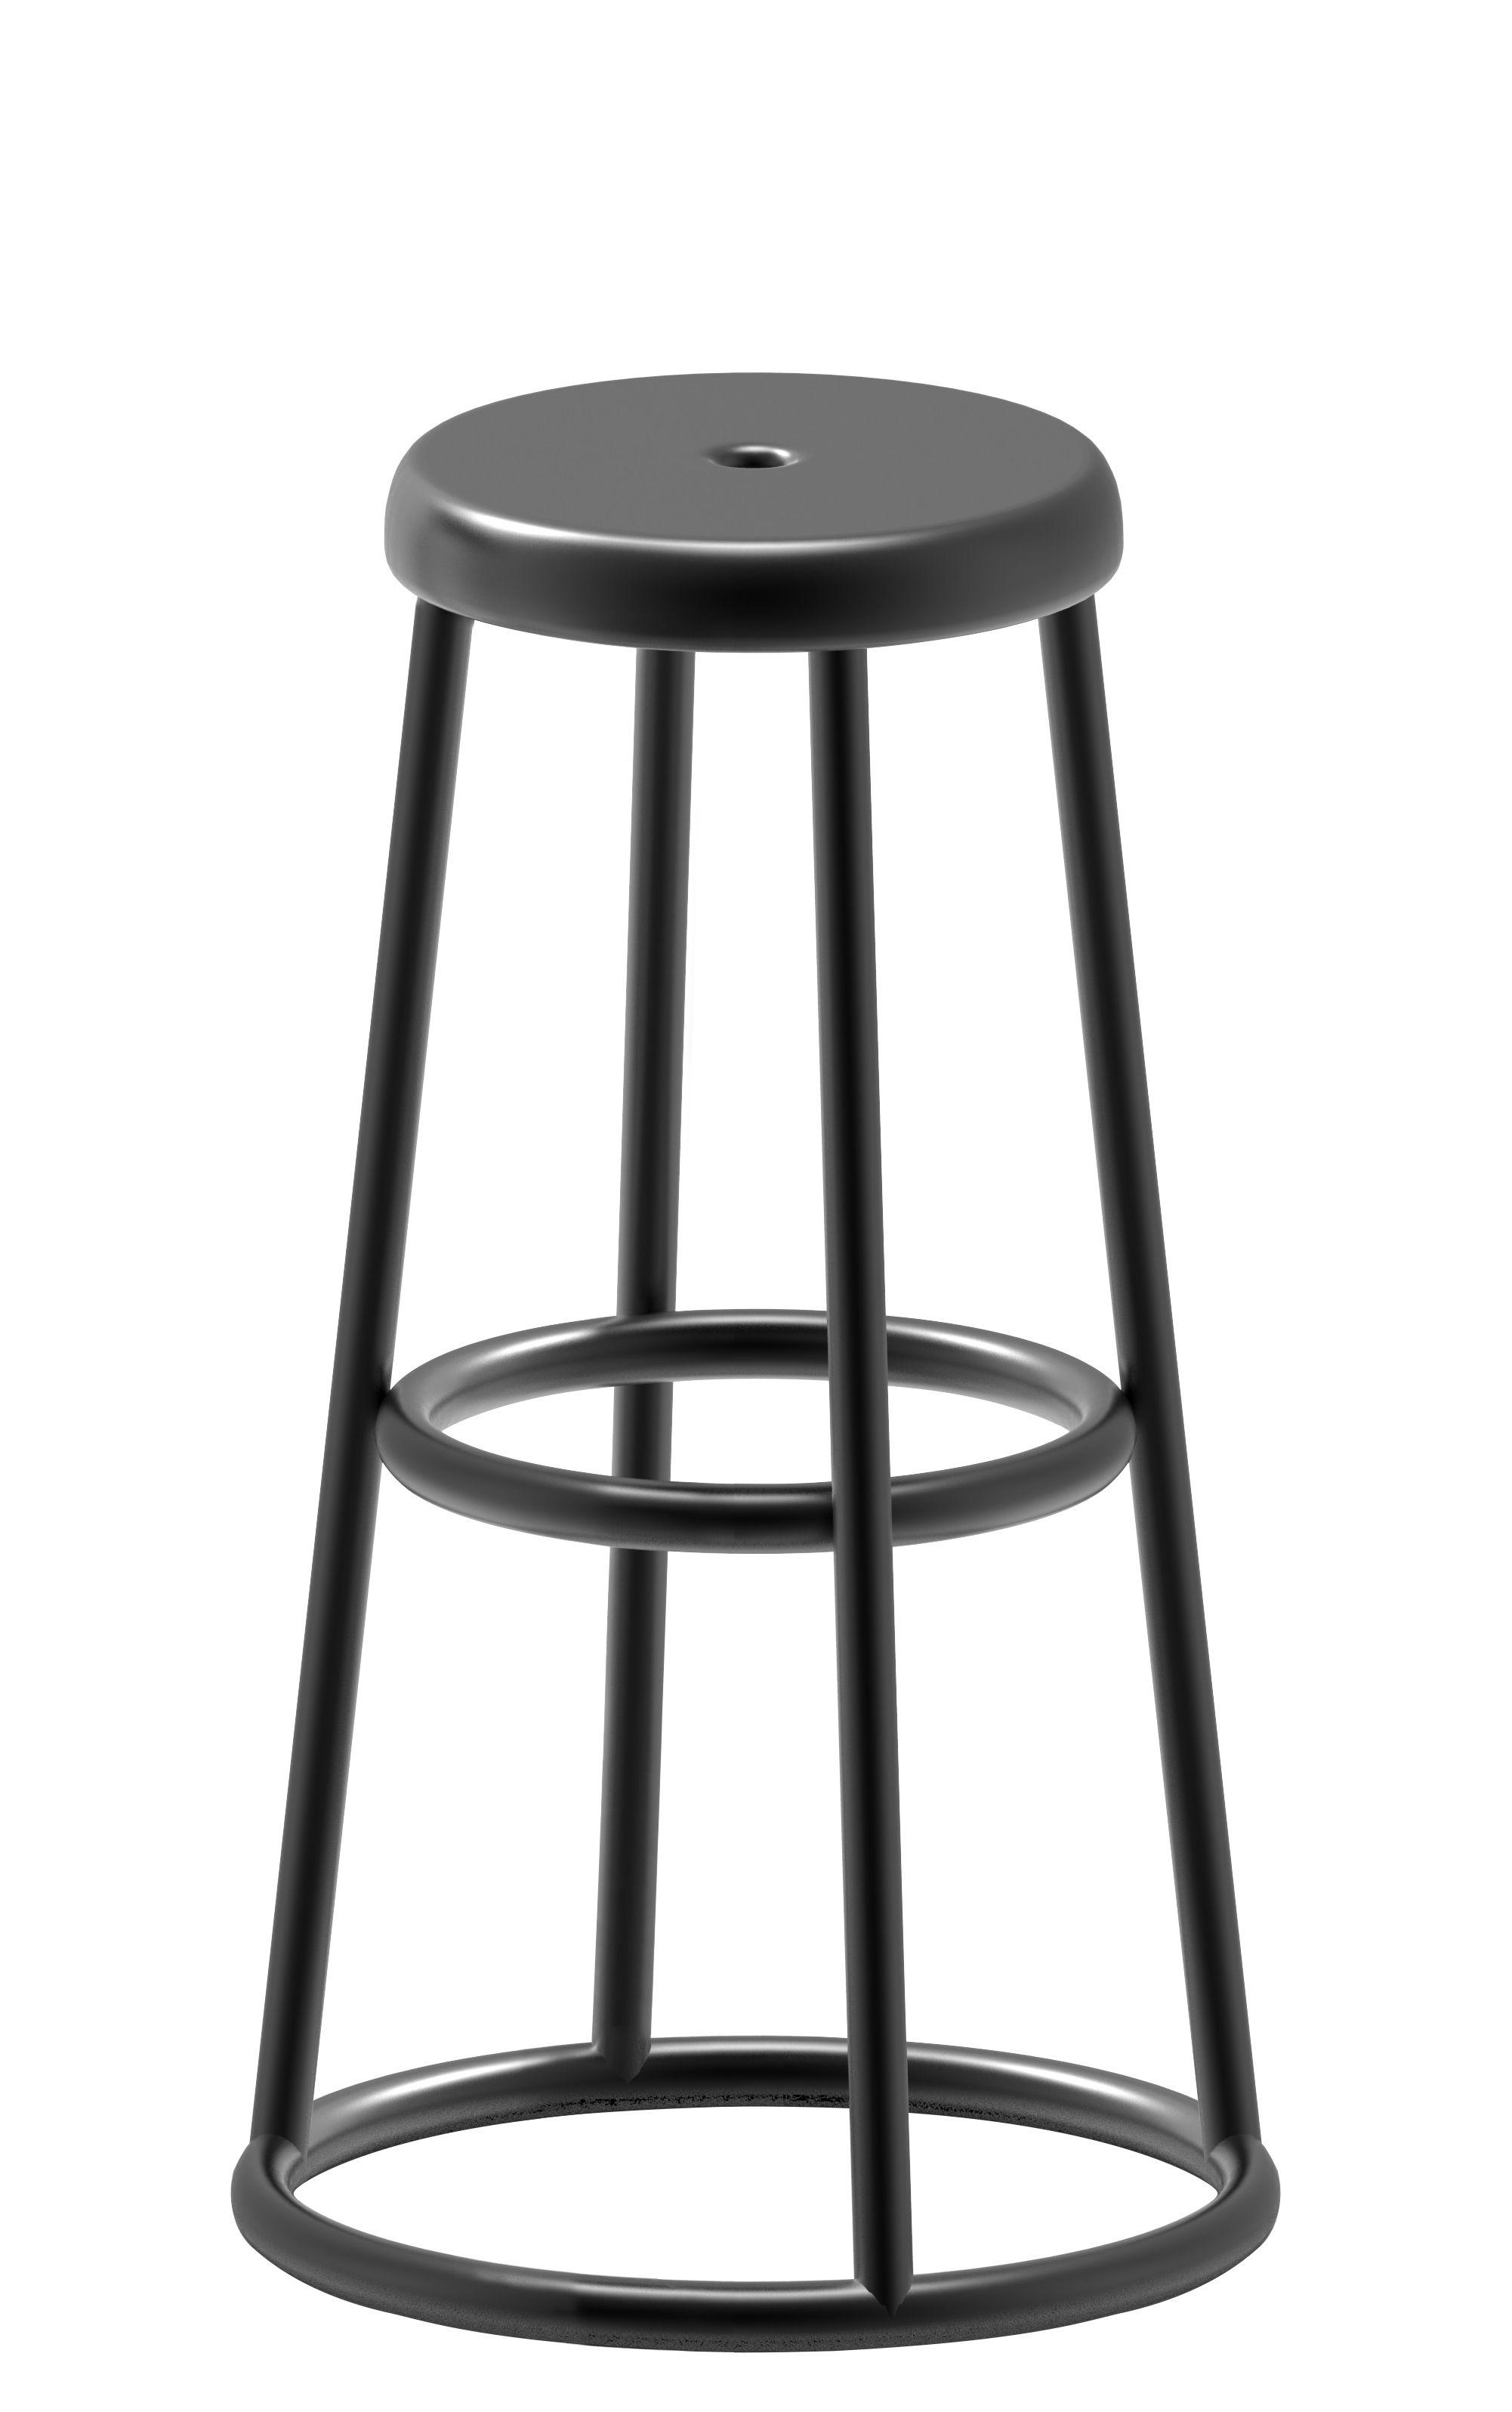 Tabouret haut industrial h 64 cm pour l 39 ext rieur gris - Tabouret de bar pour exterieur ...